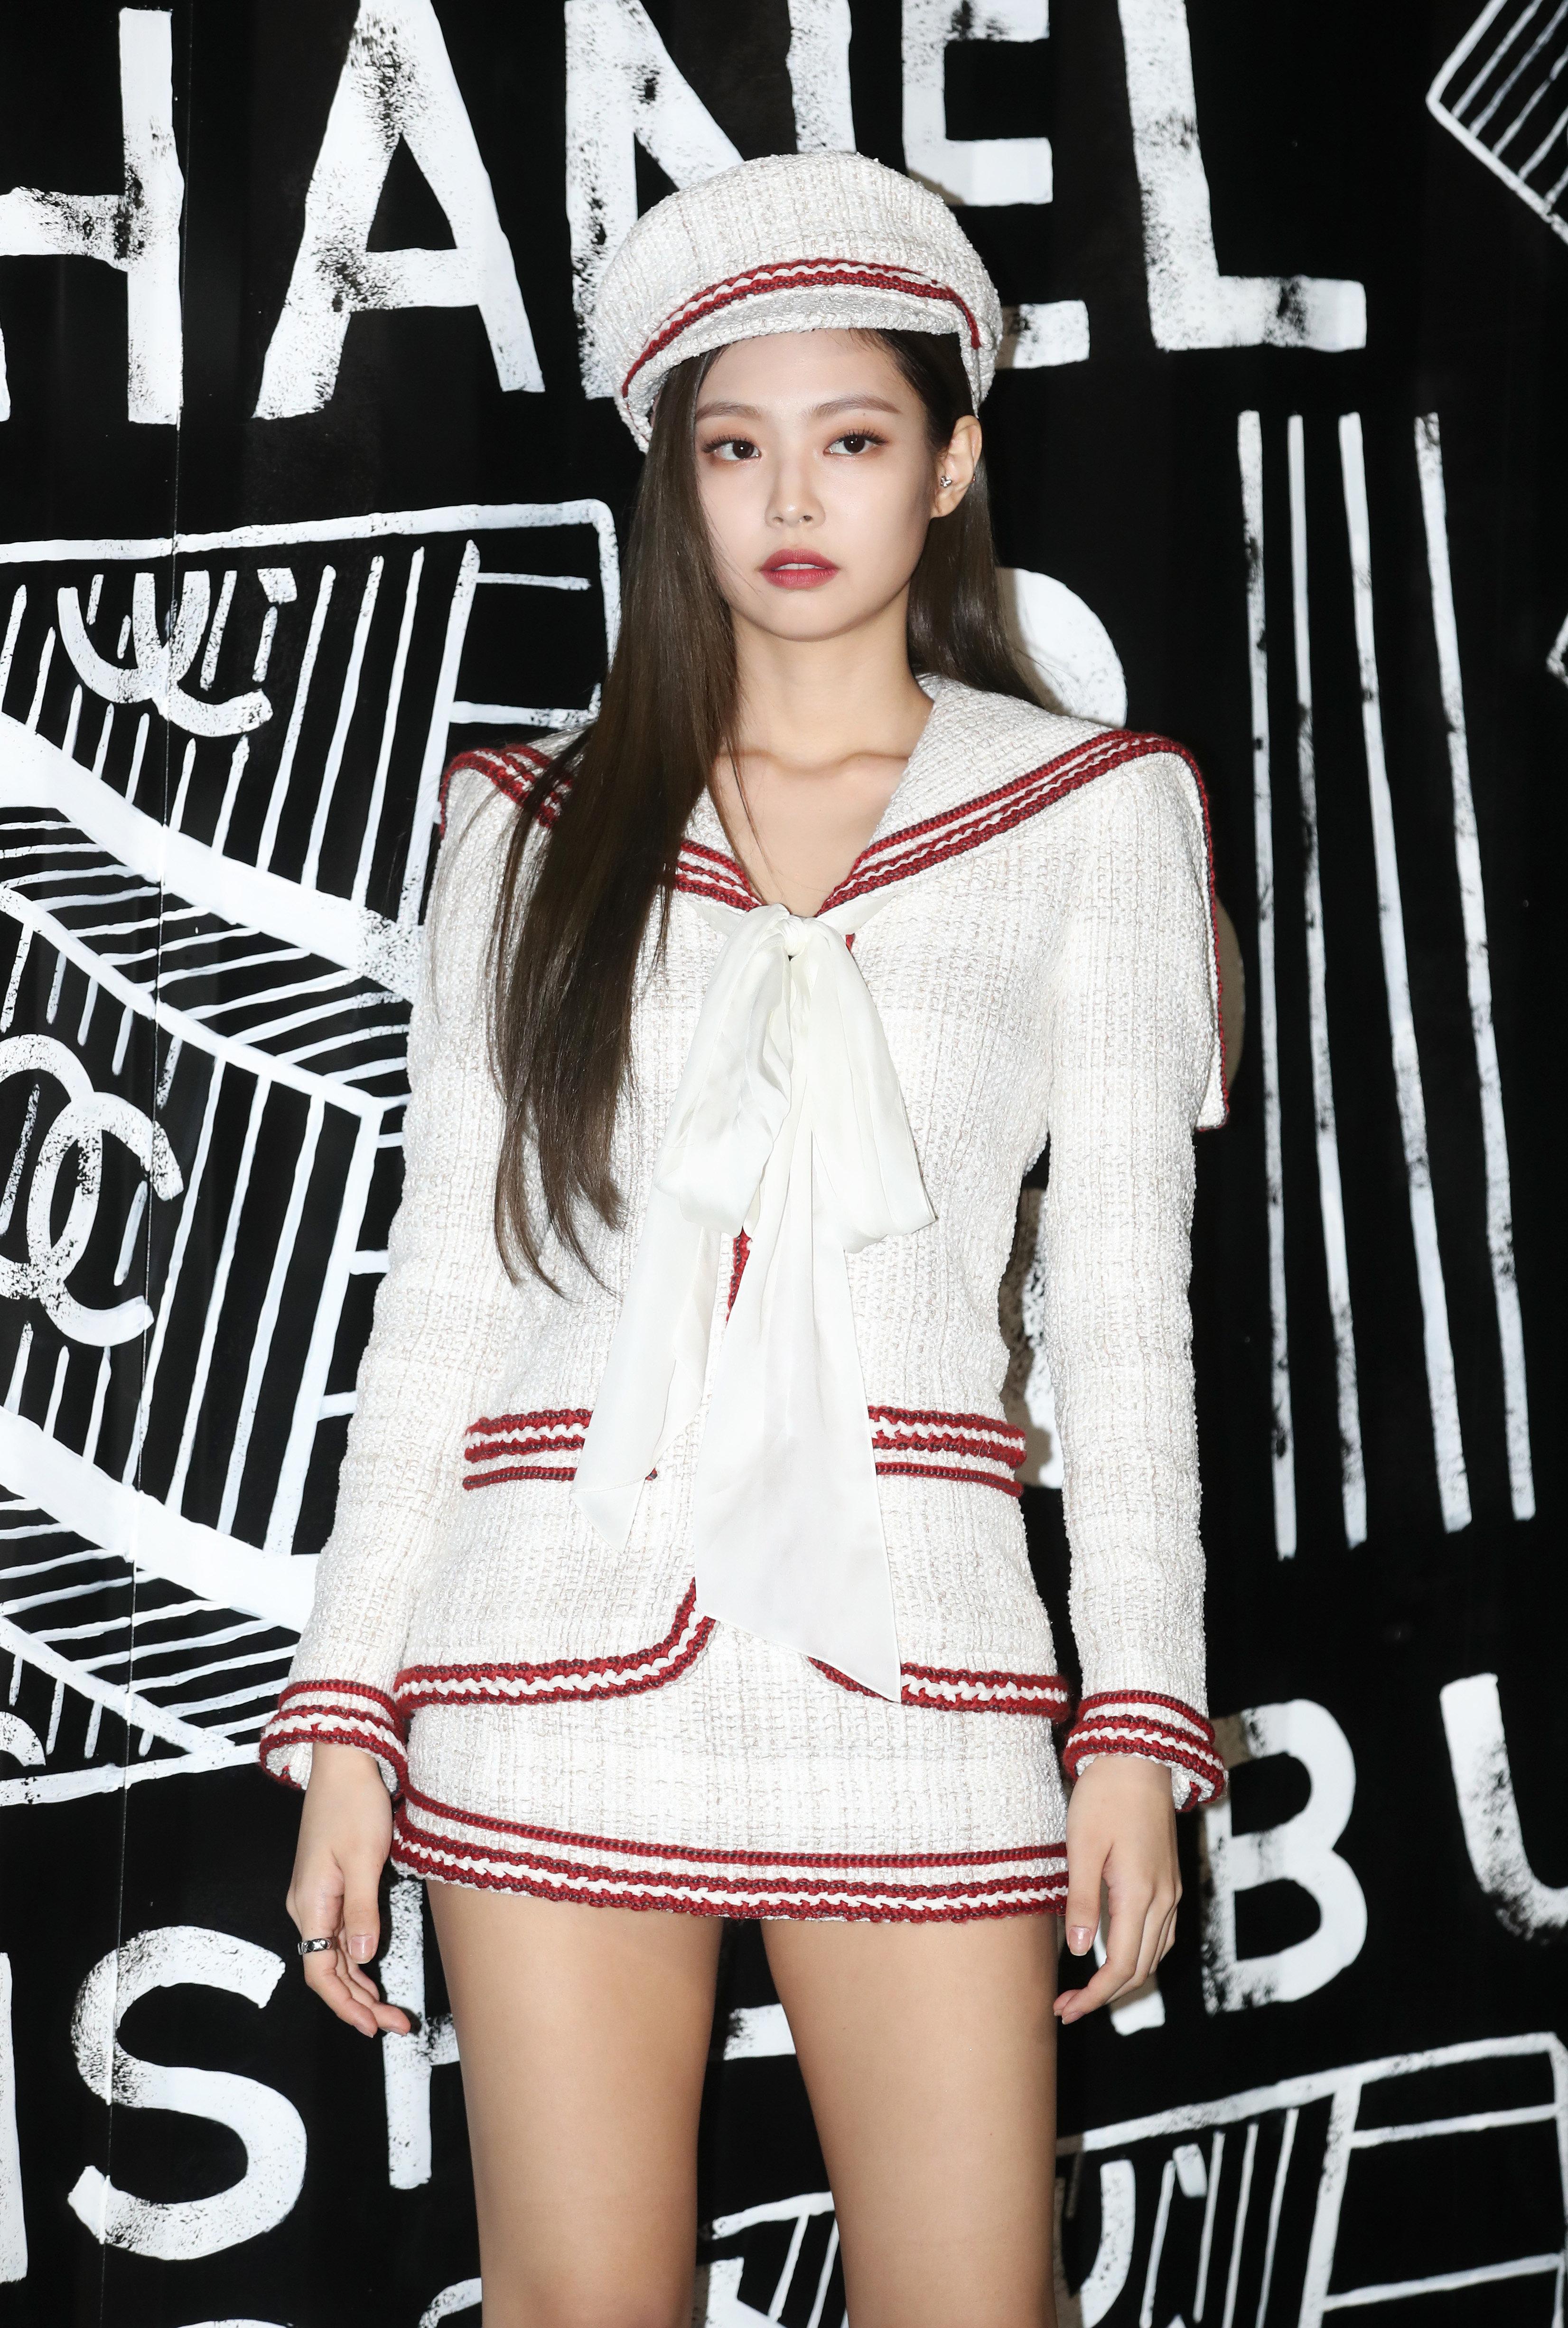 블랙핑크 스타일리스트가 말하는 블랙핑크와 다른 아이돌 그룹의